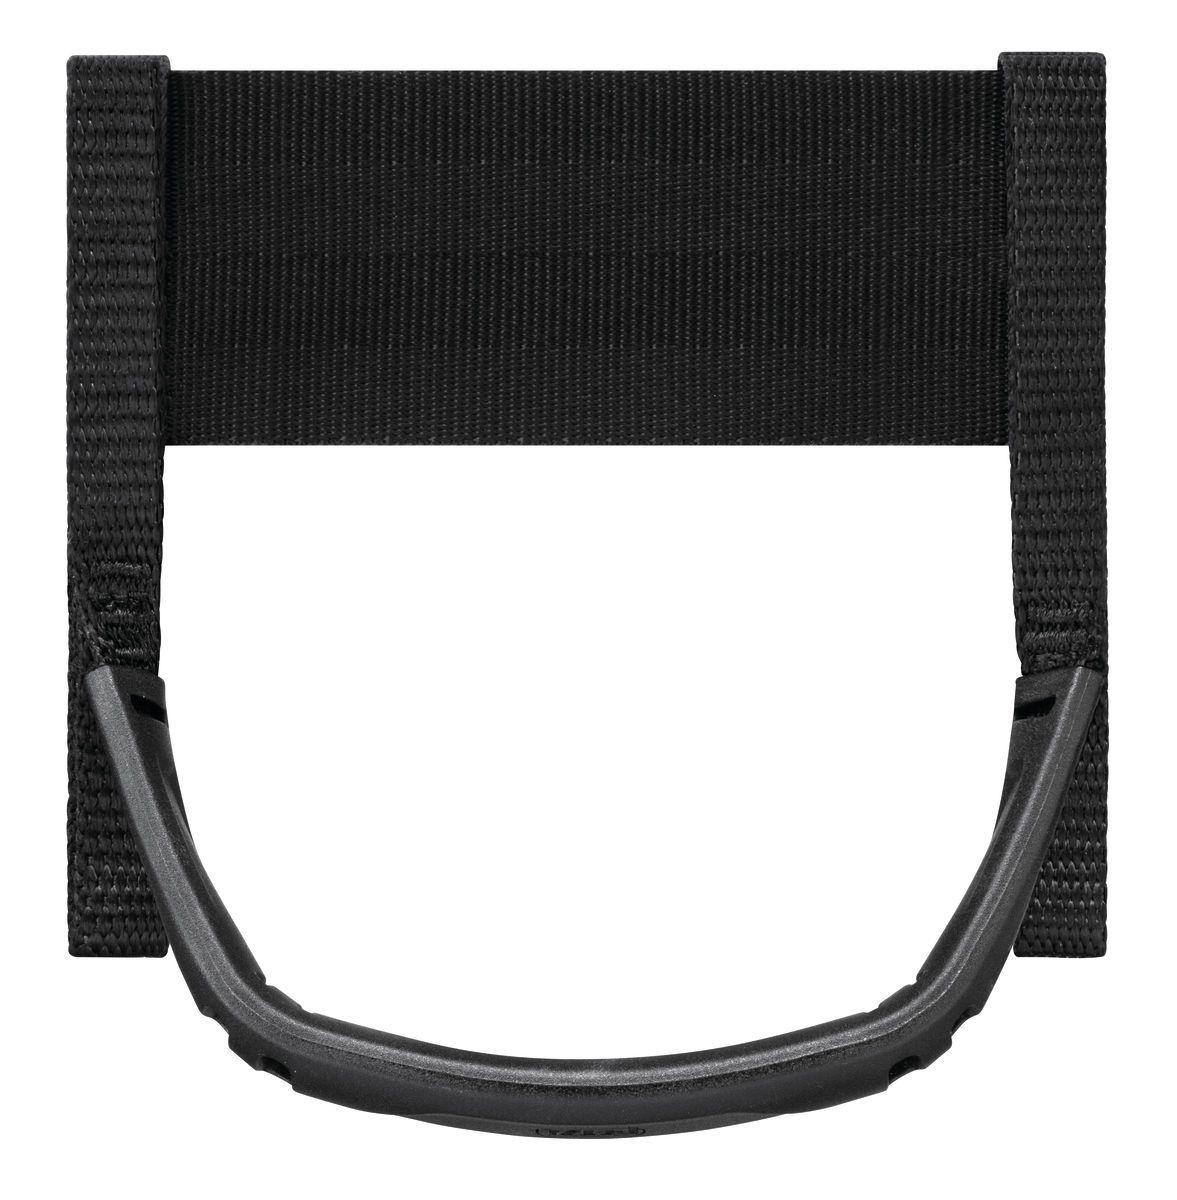 PRÉ-VENDA - Porta-materiais para Cadeirinha CANYON CLUB Petzl